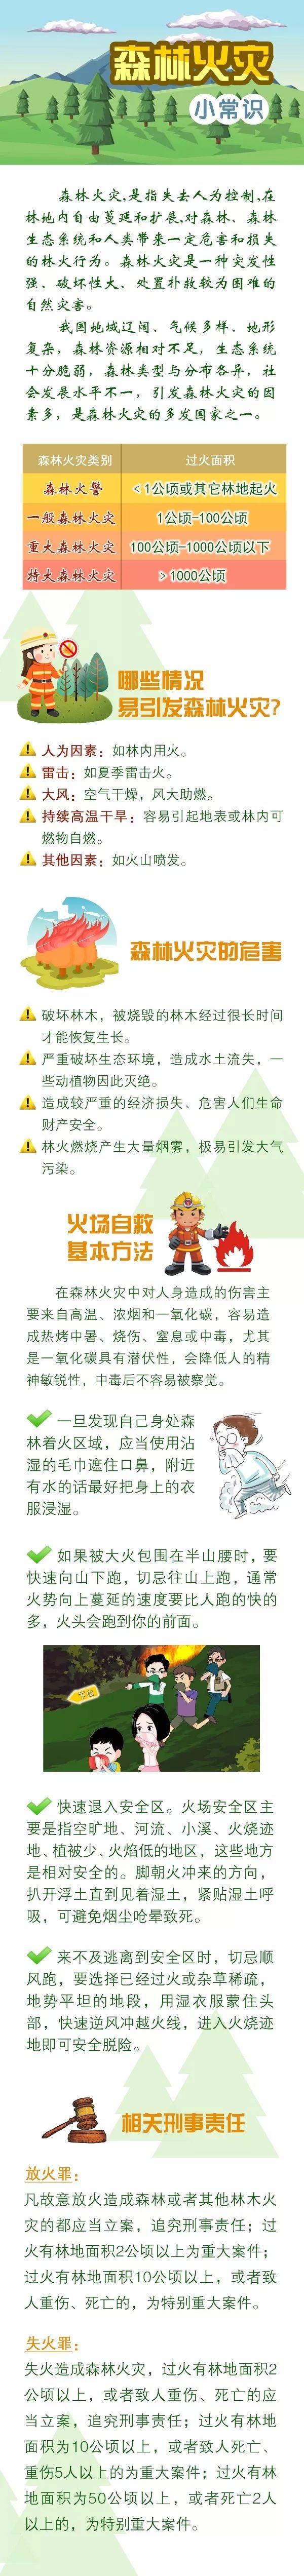 天富官网首页【应急科普】森林火灾小常识